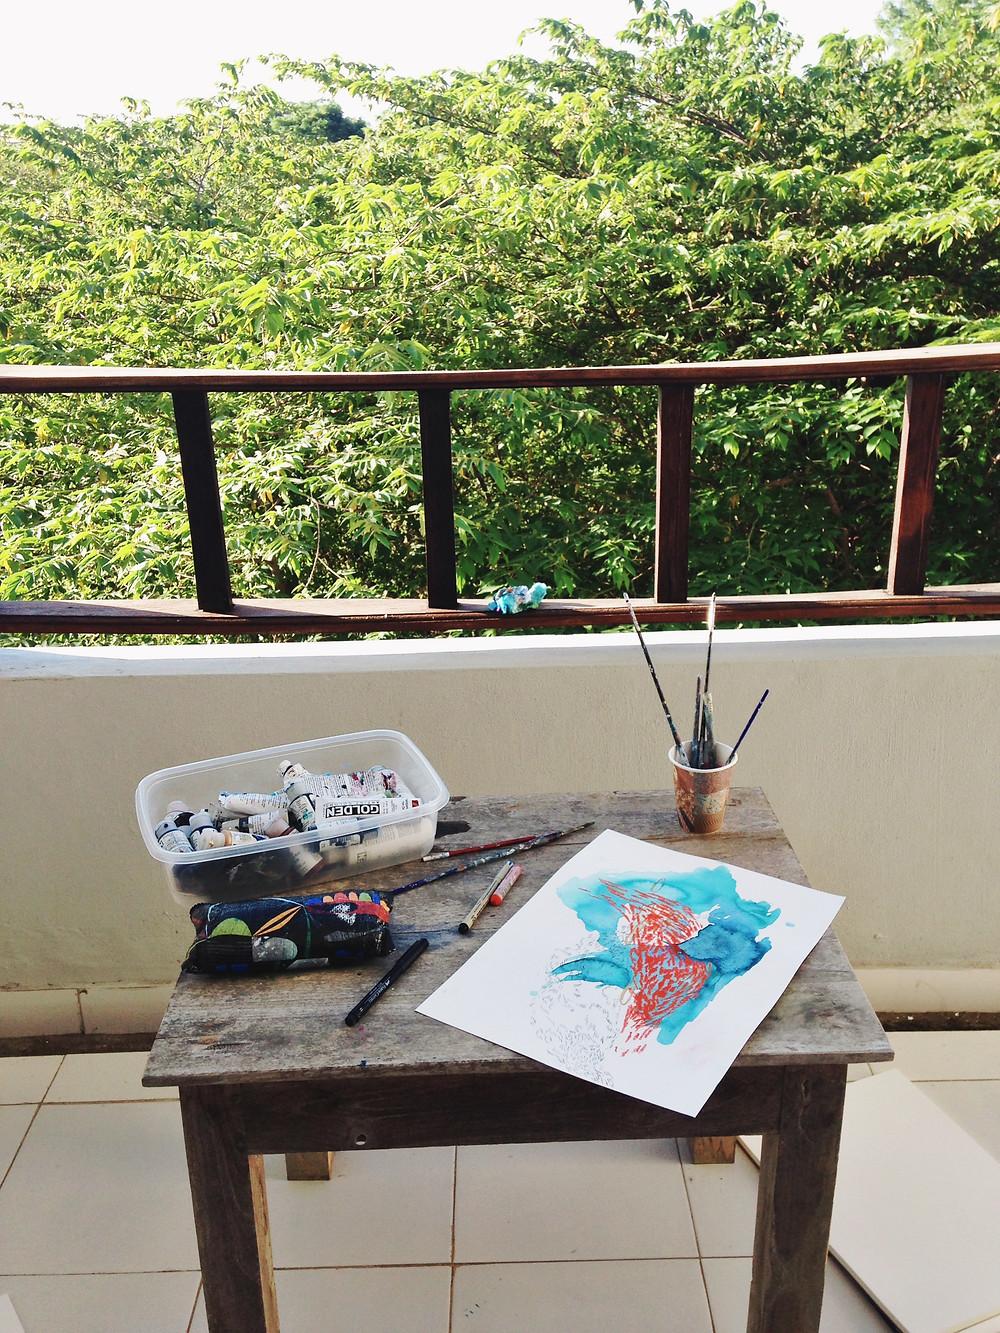 My very hot and tiny hotel balcony in Bali :)